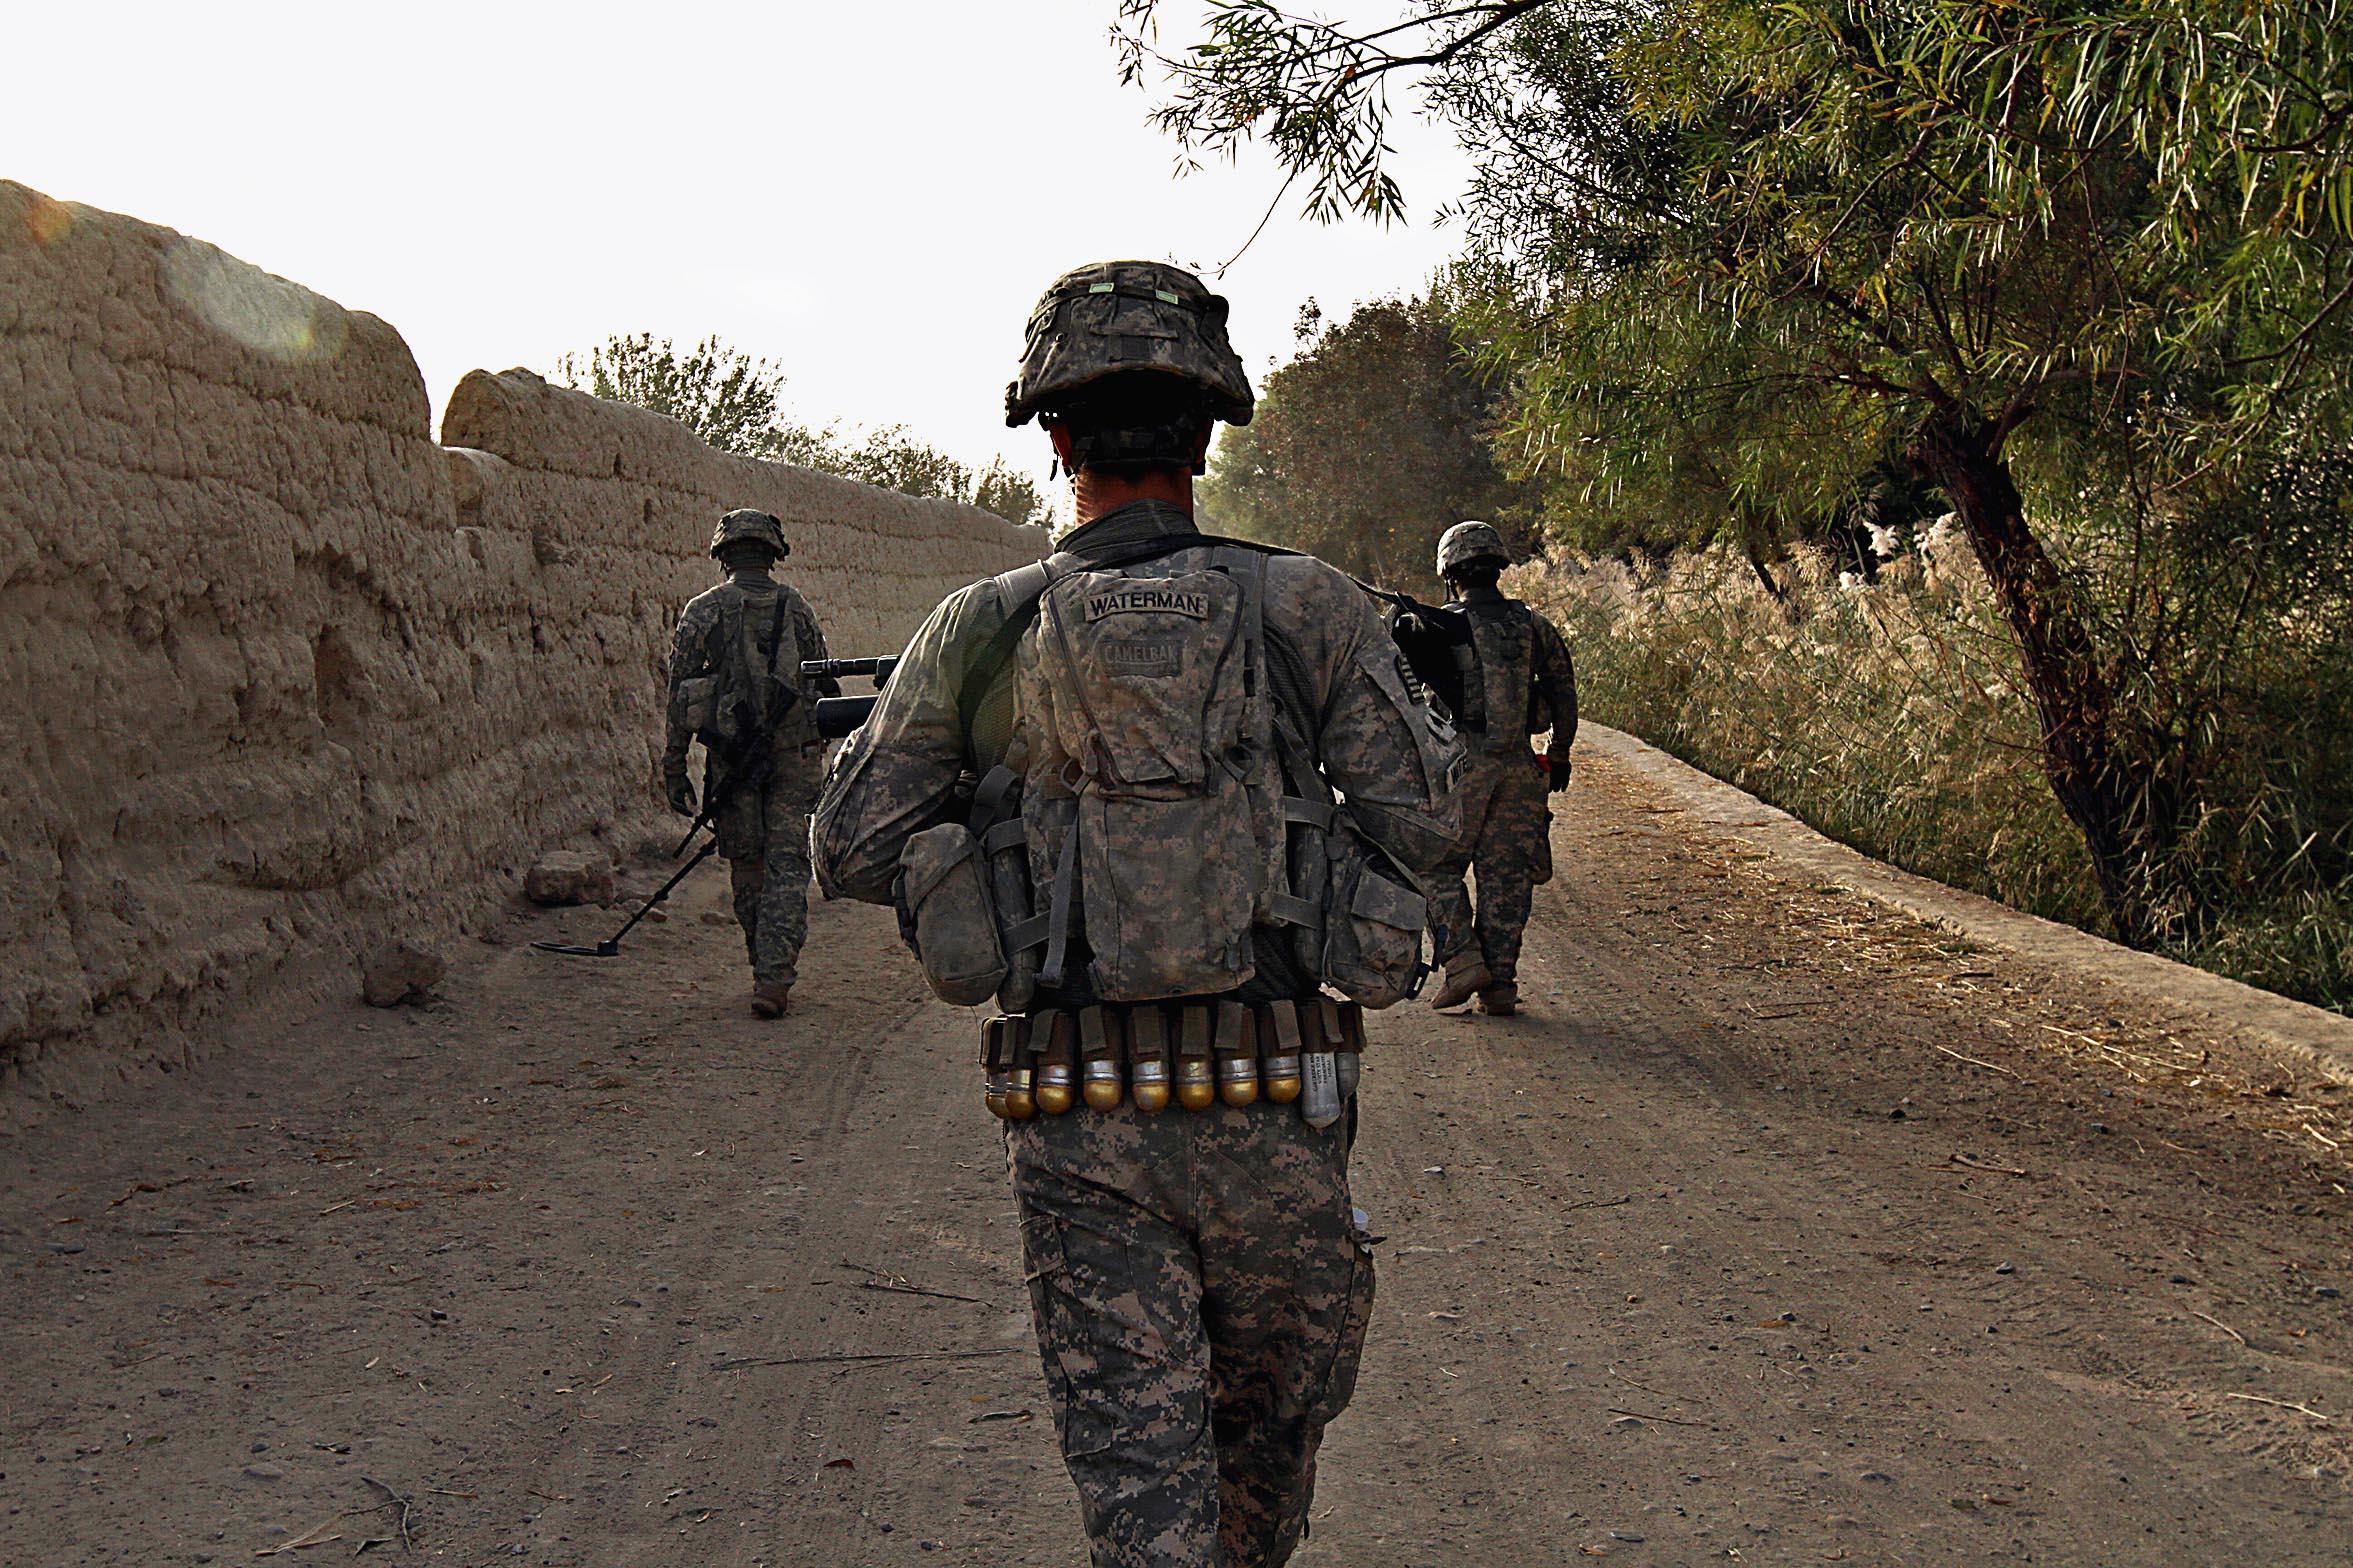 Кандагар, район Аргандаб. Саперная группа — рядовой Лаплаунт (слева), сержант Максвелл (справа) иприкрывающий обоих сержант Уотерман (в центре) — идет впереди взвода, проверяя сельскую дорогу иокрестности.